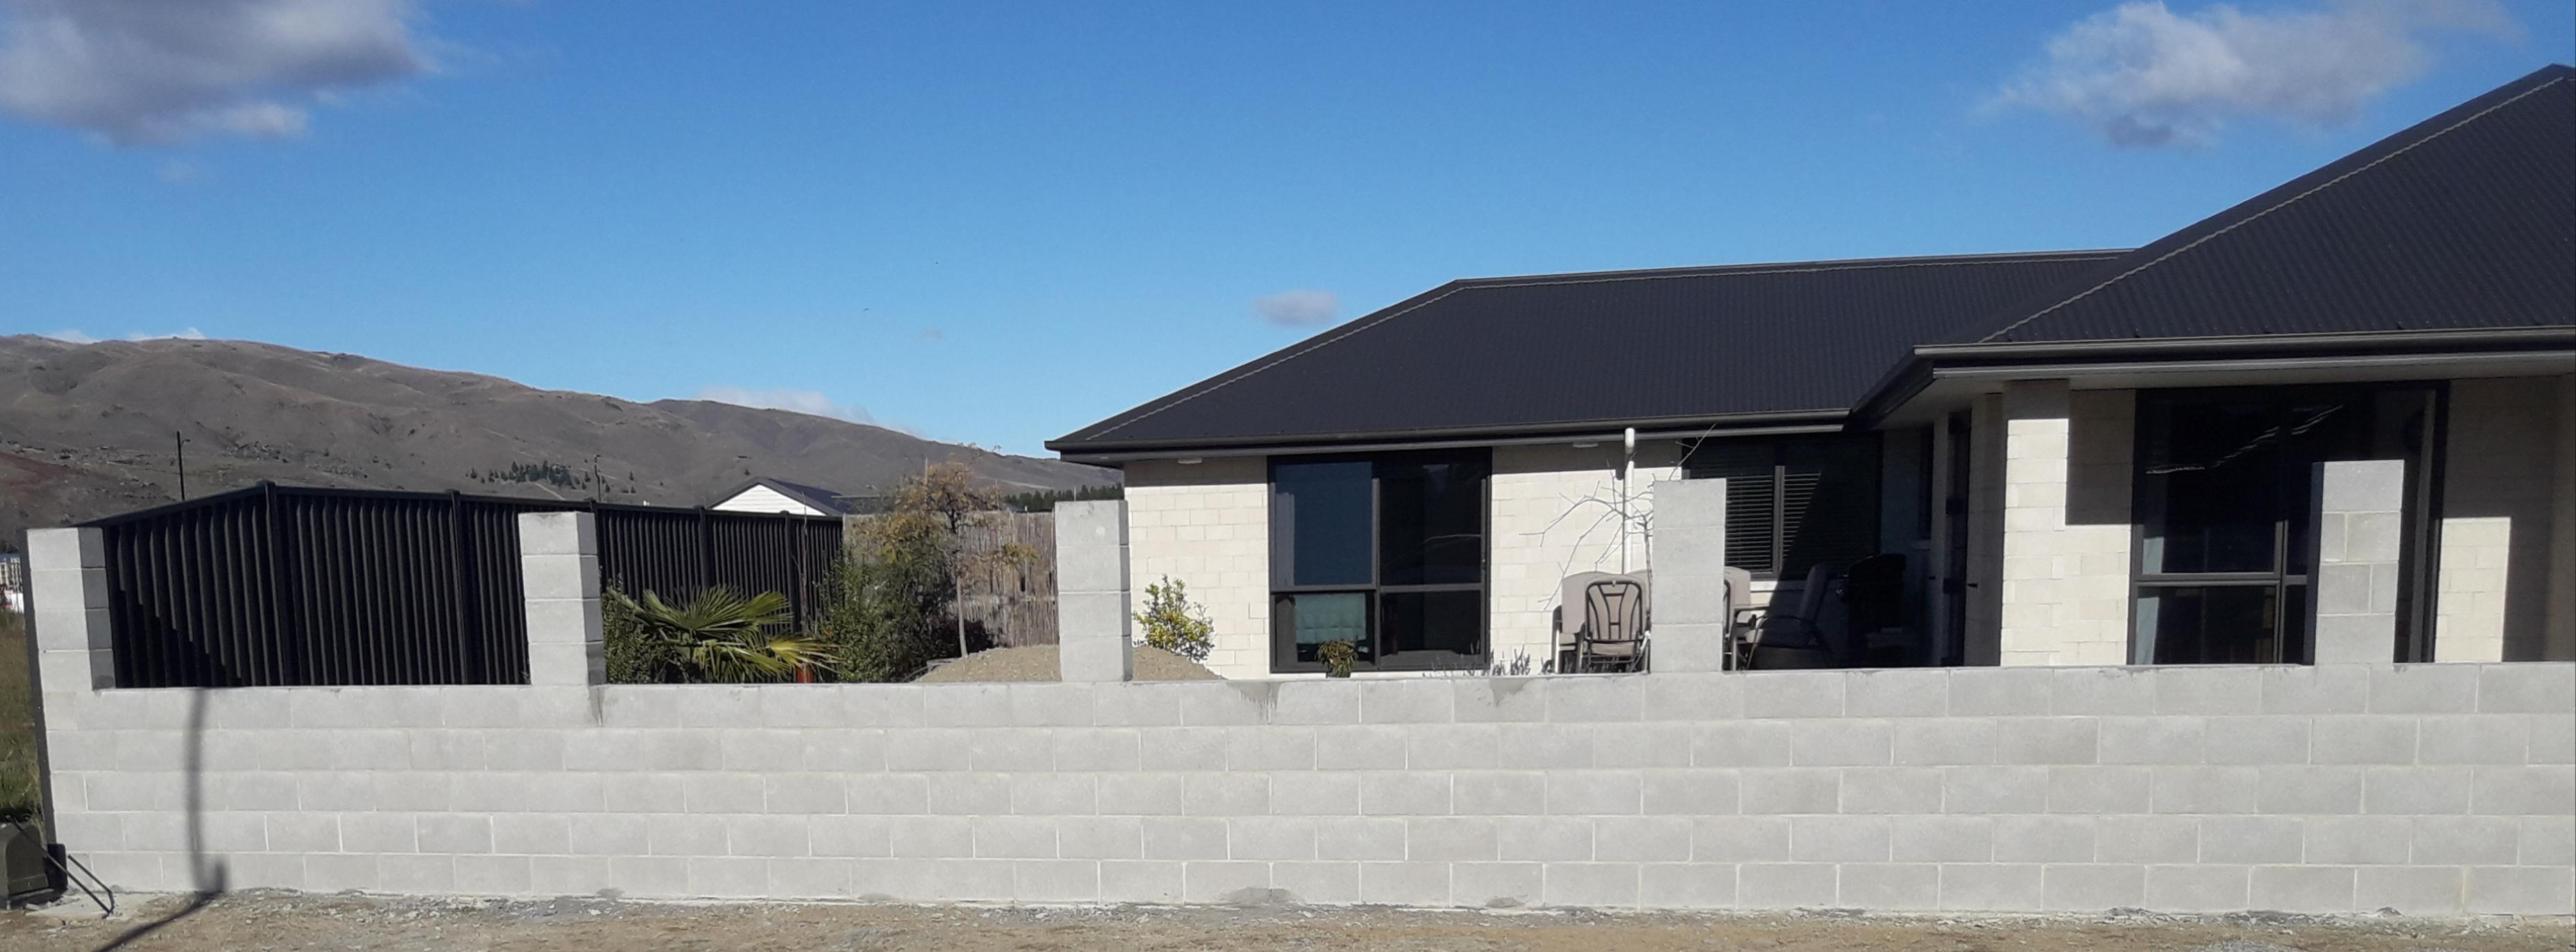 Stunning Brick with Darker Roofing